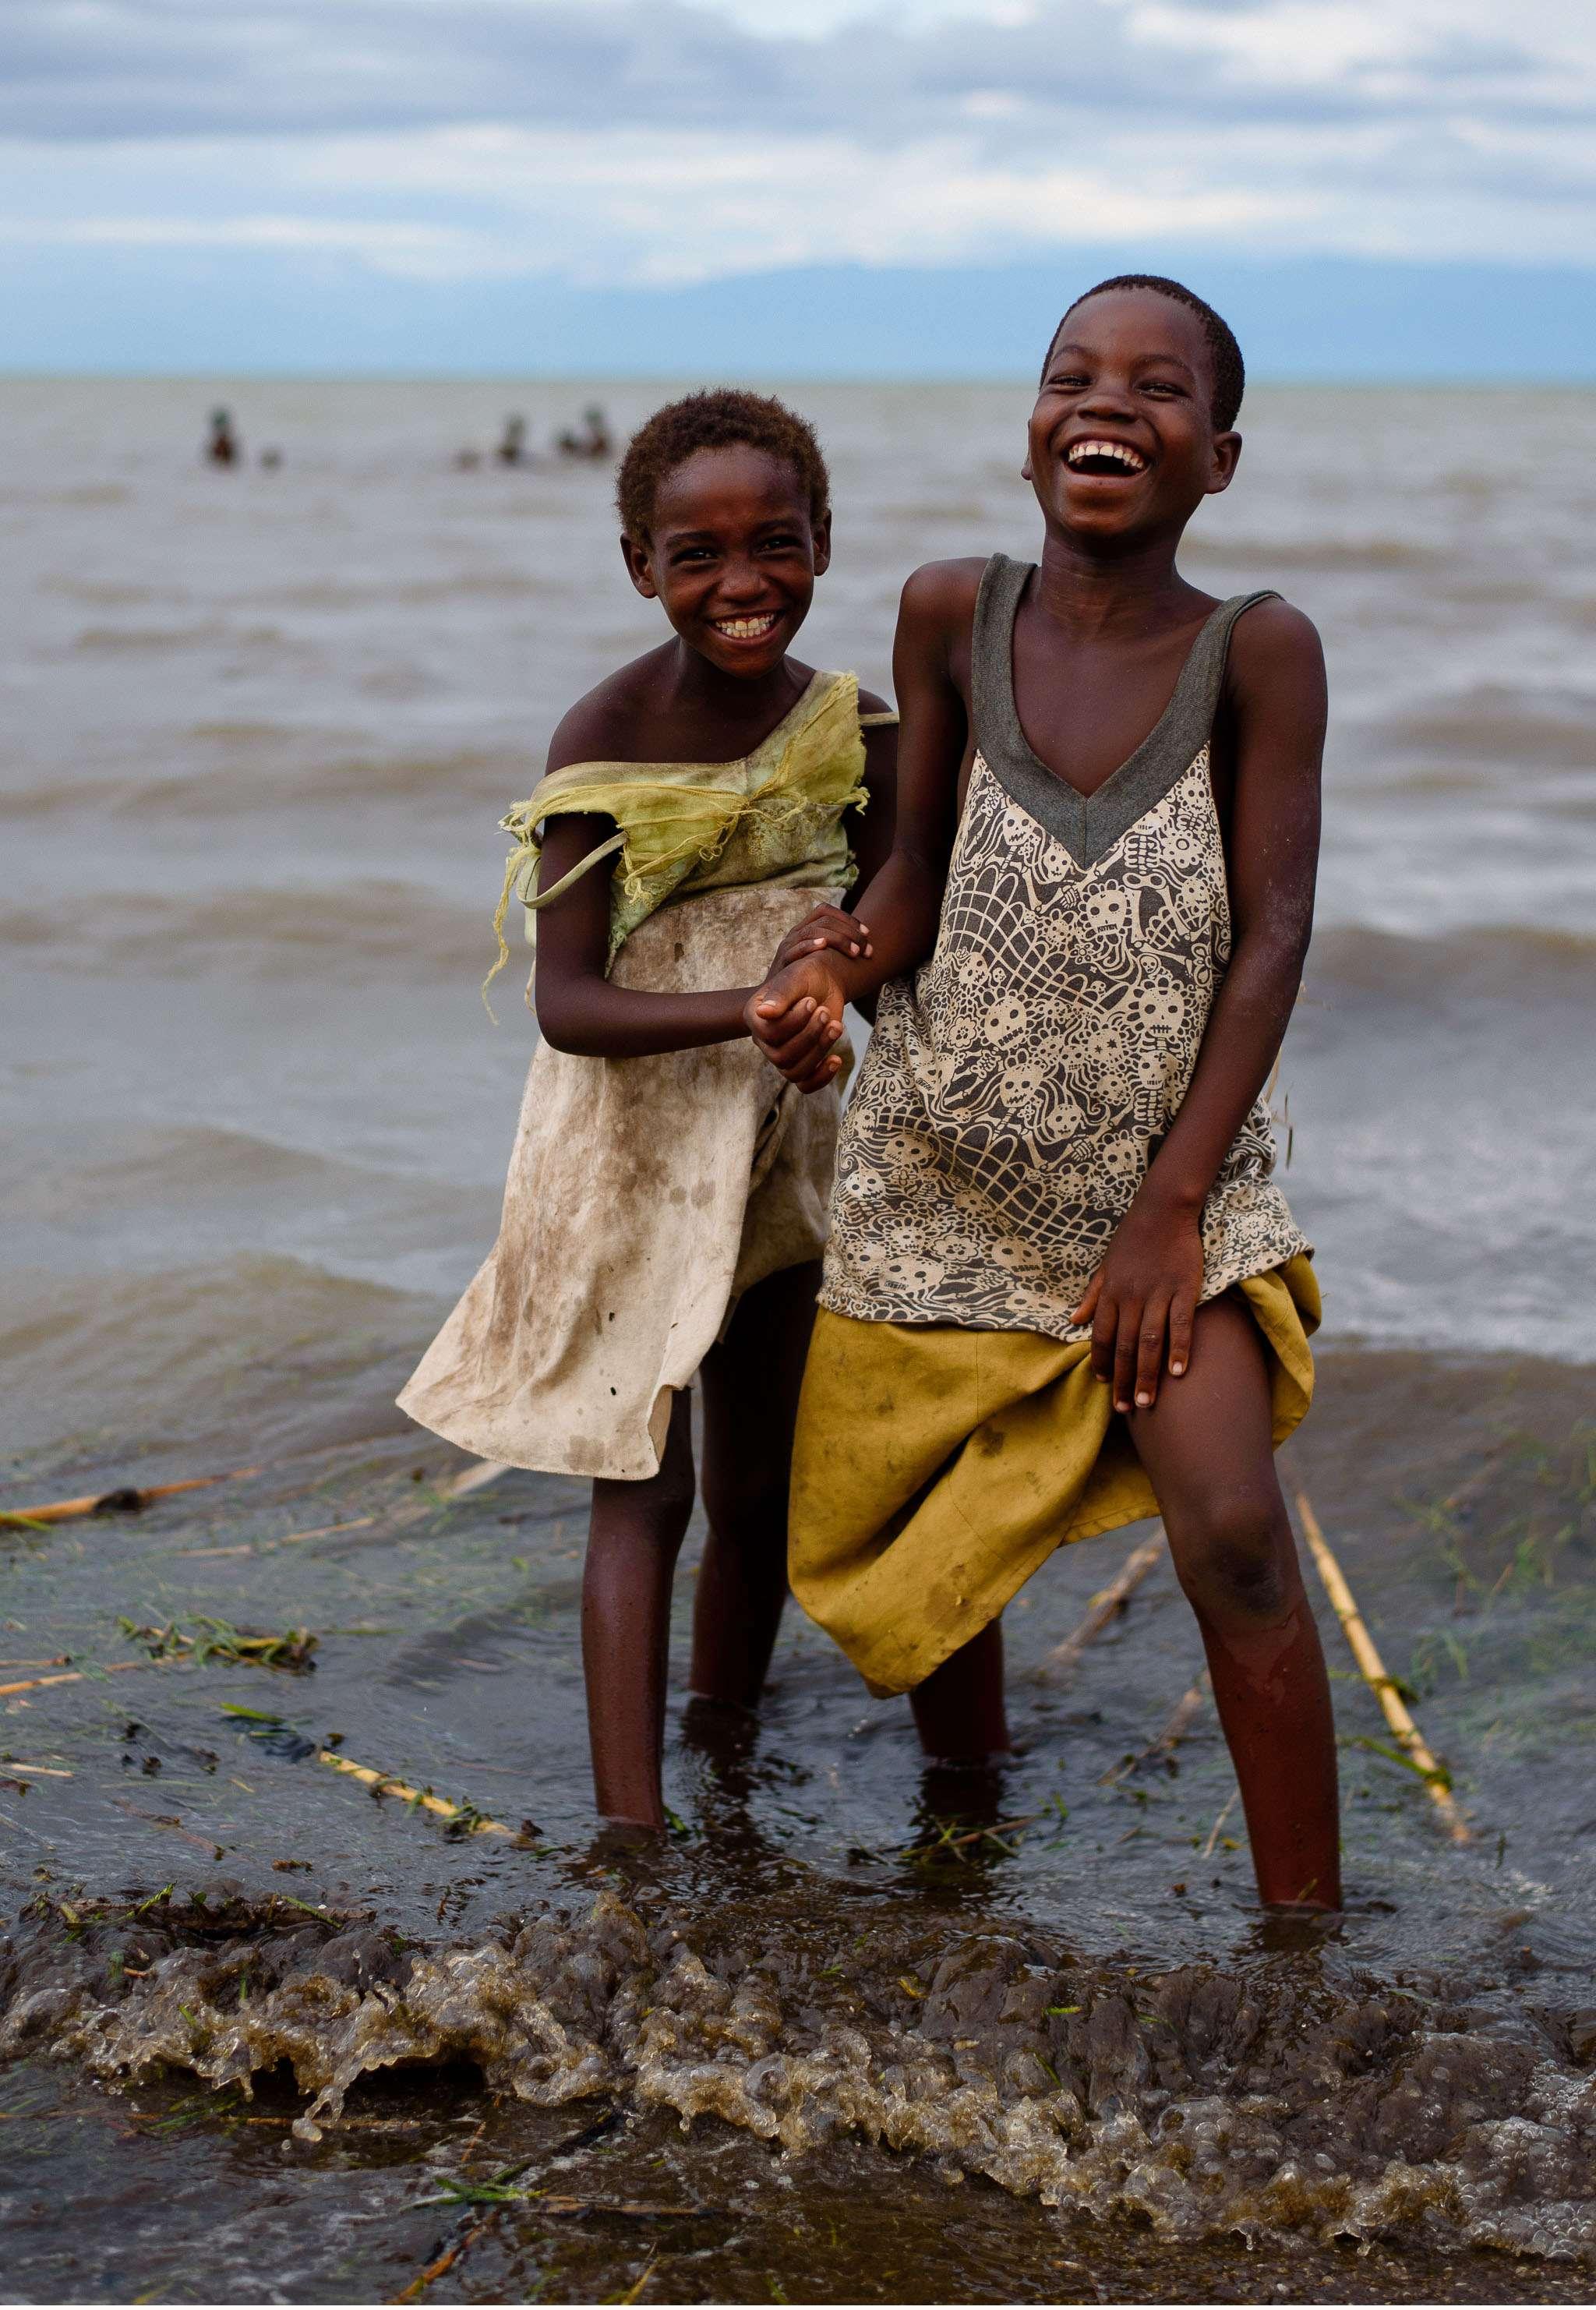 Malawi-Quer durch Afrika- Geschichten von unterwegs by Marion and Daniel-84